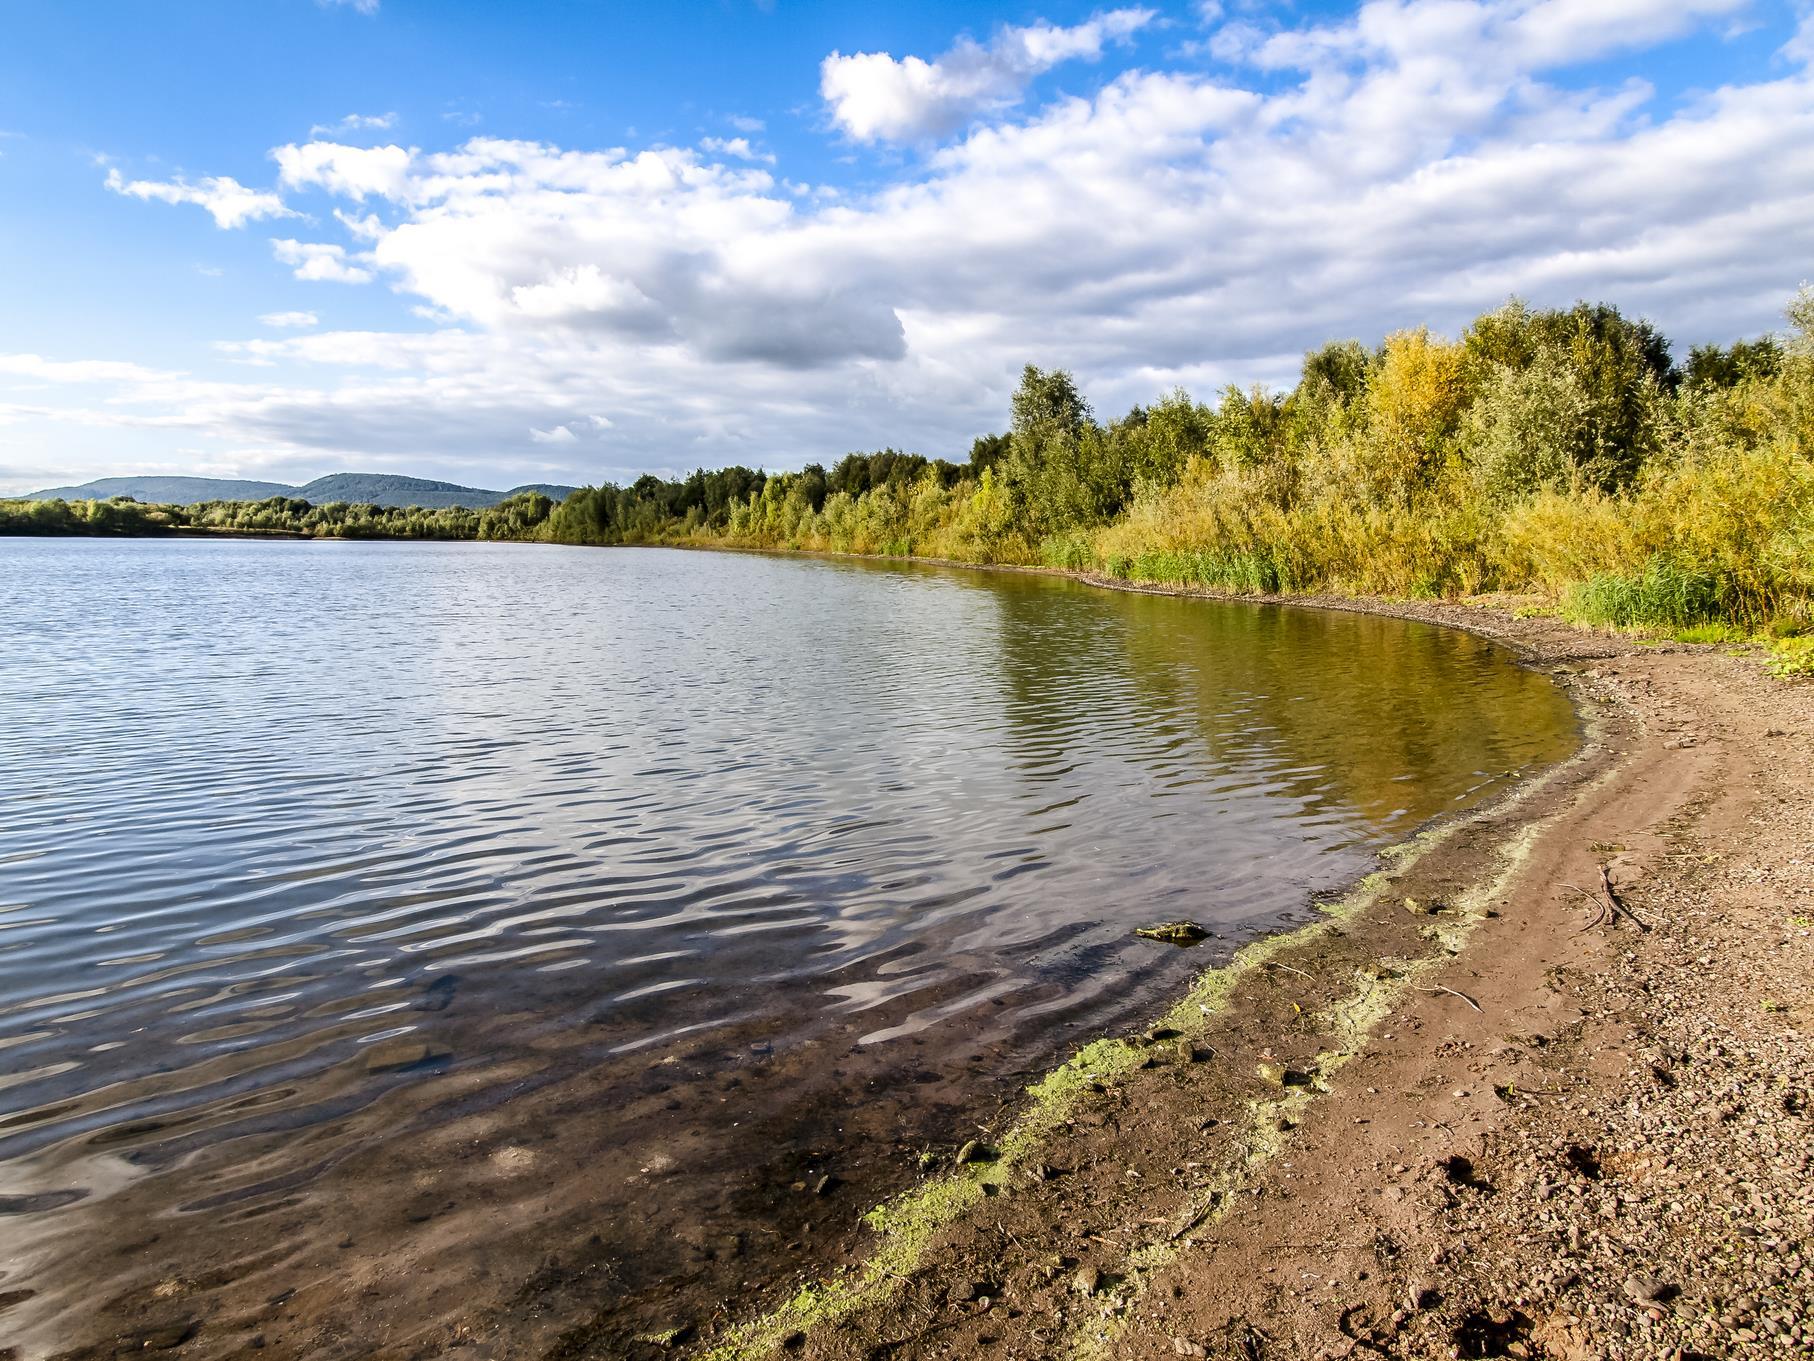 Langsam verfärben sich die Weiden am Ufer herbstlich.